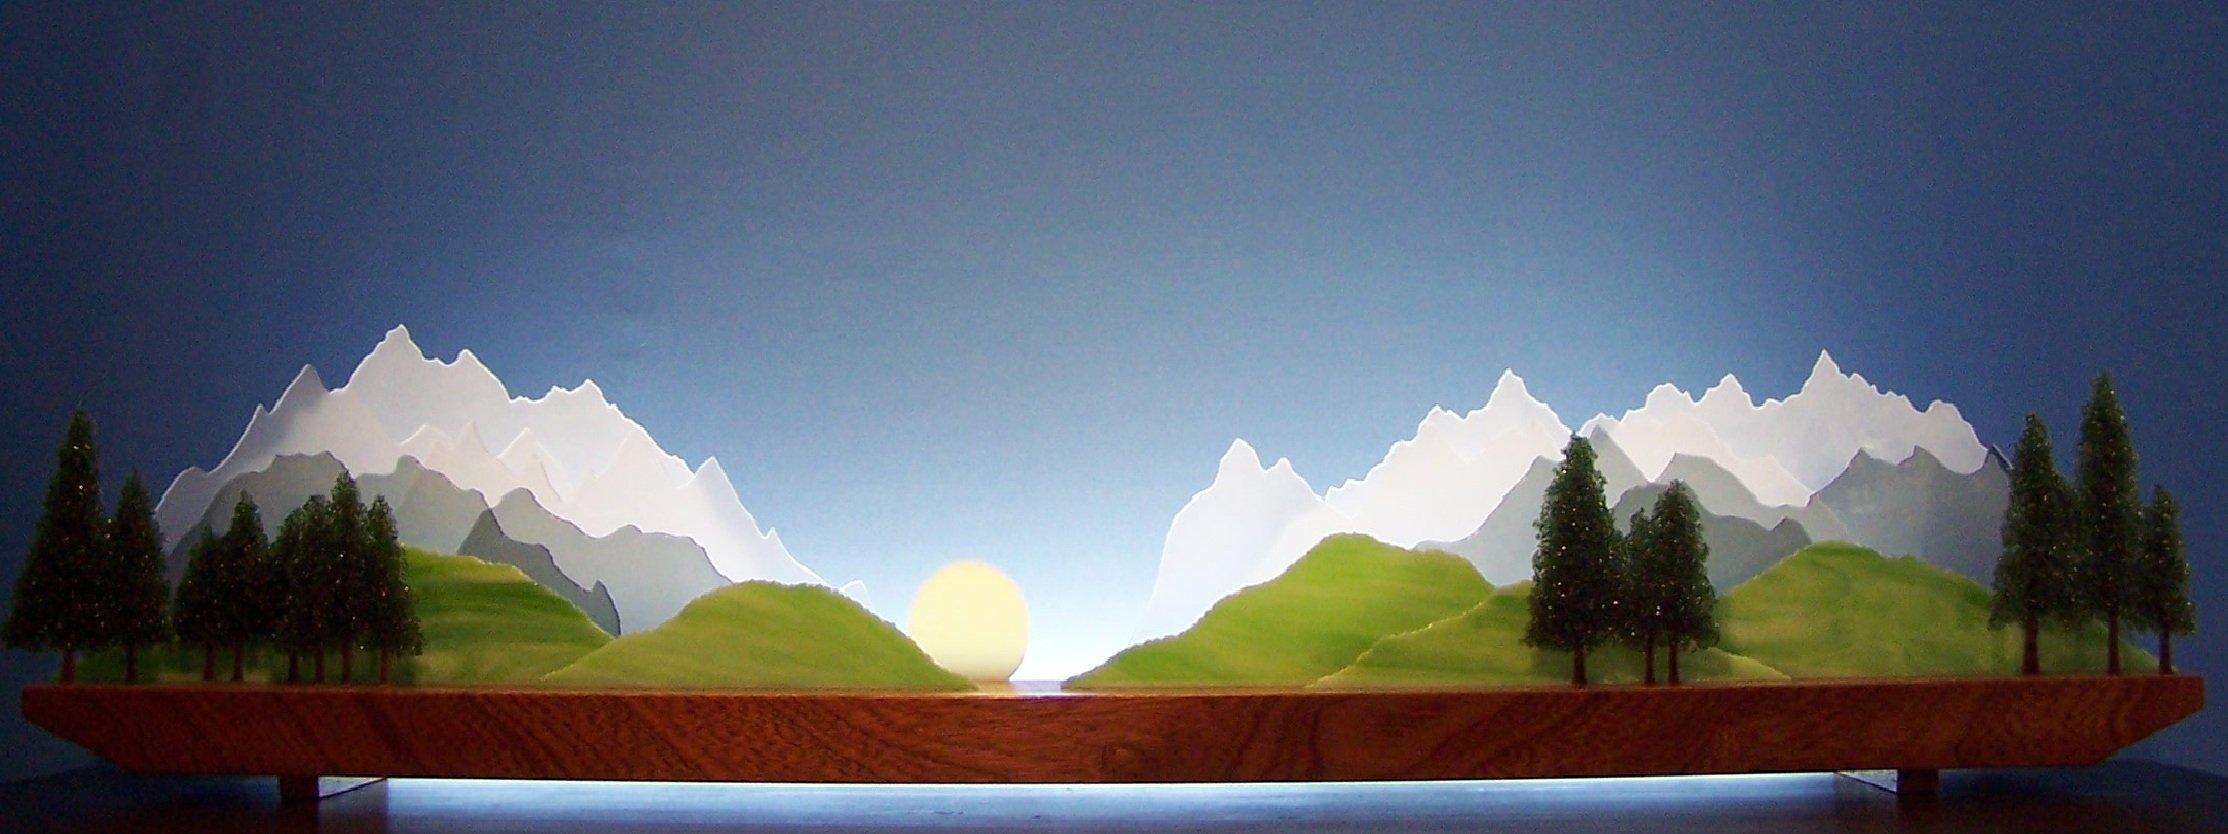 Sierra By Bernie Huebner And Lucie Boucher Art Glass